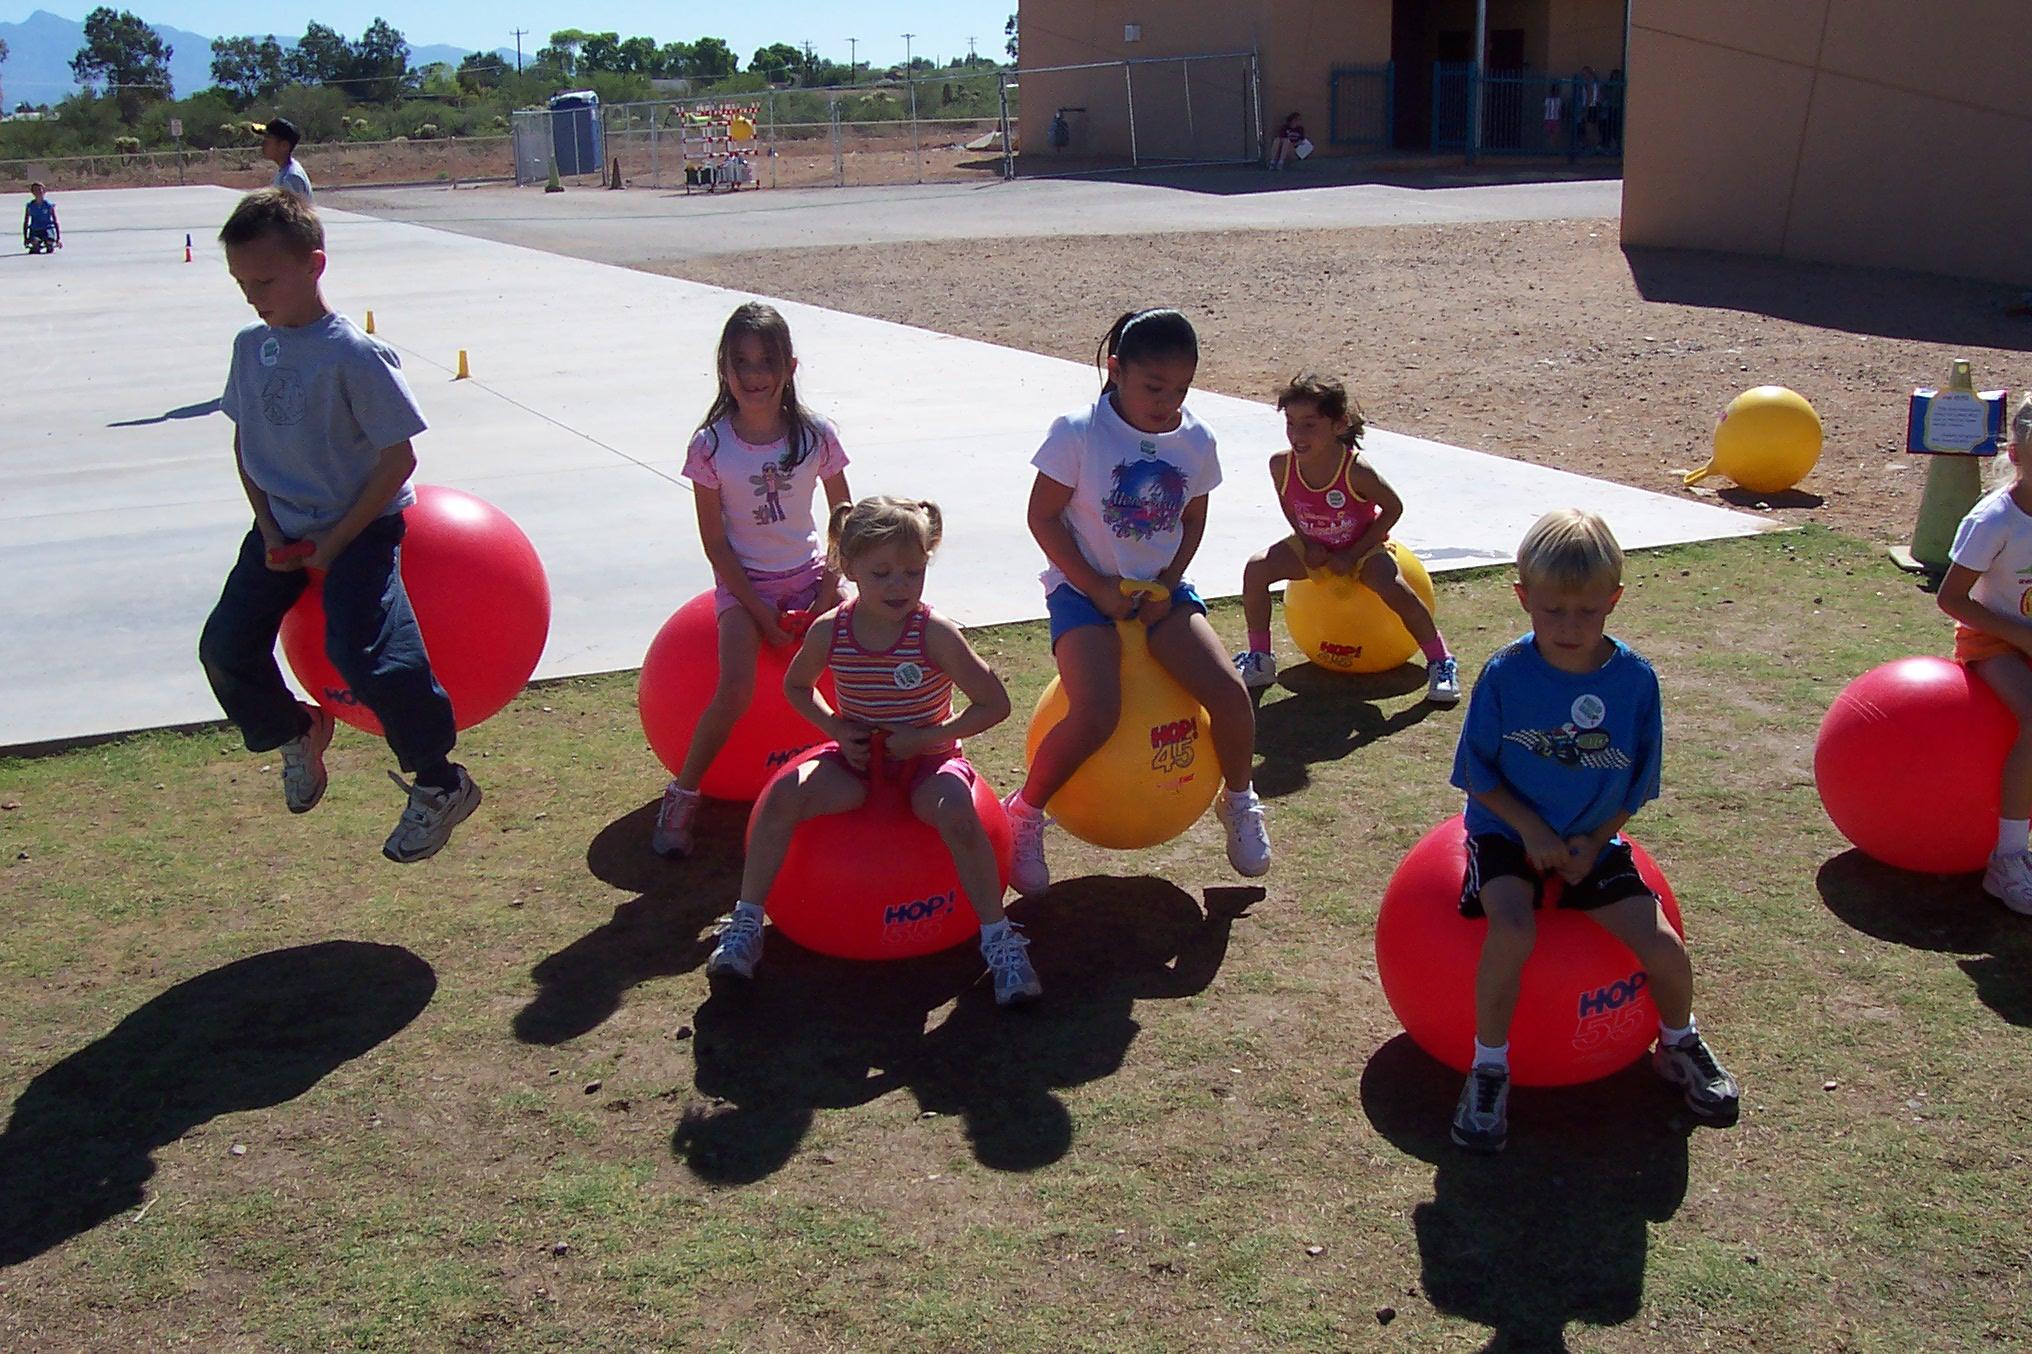 kids on bouncy balls